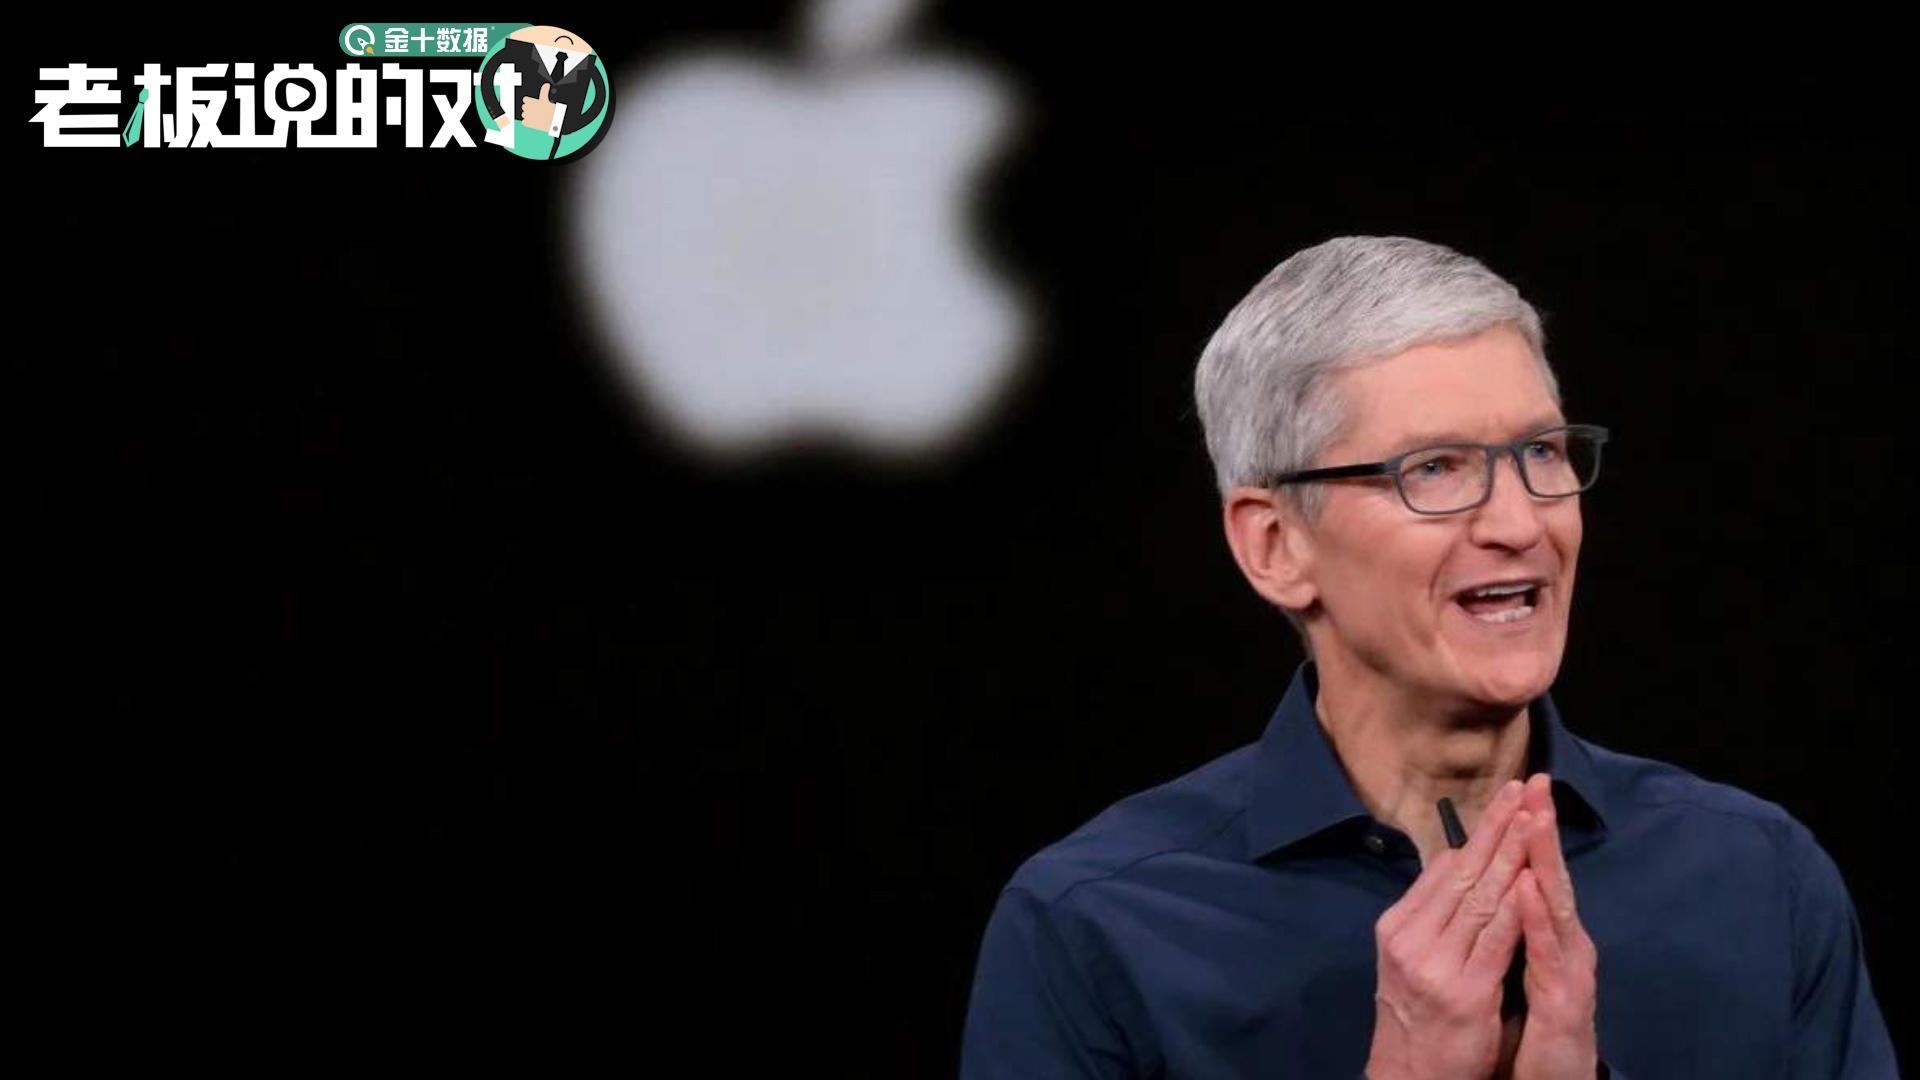 """2149元!苹果公布iPhone12屏幕更换价格,相当于买""""荣耀X10"""""""